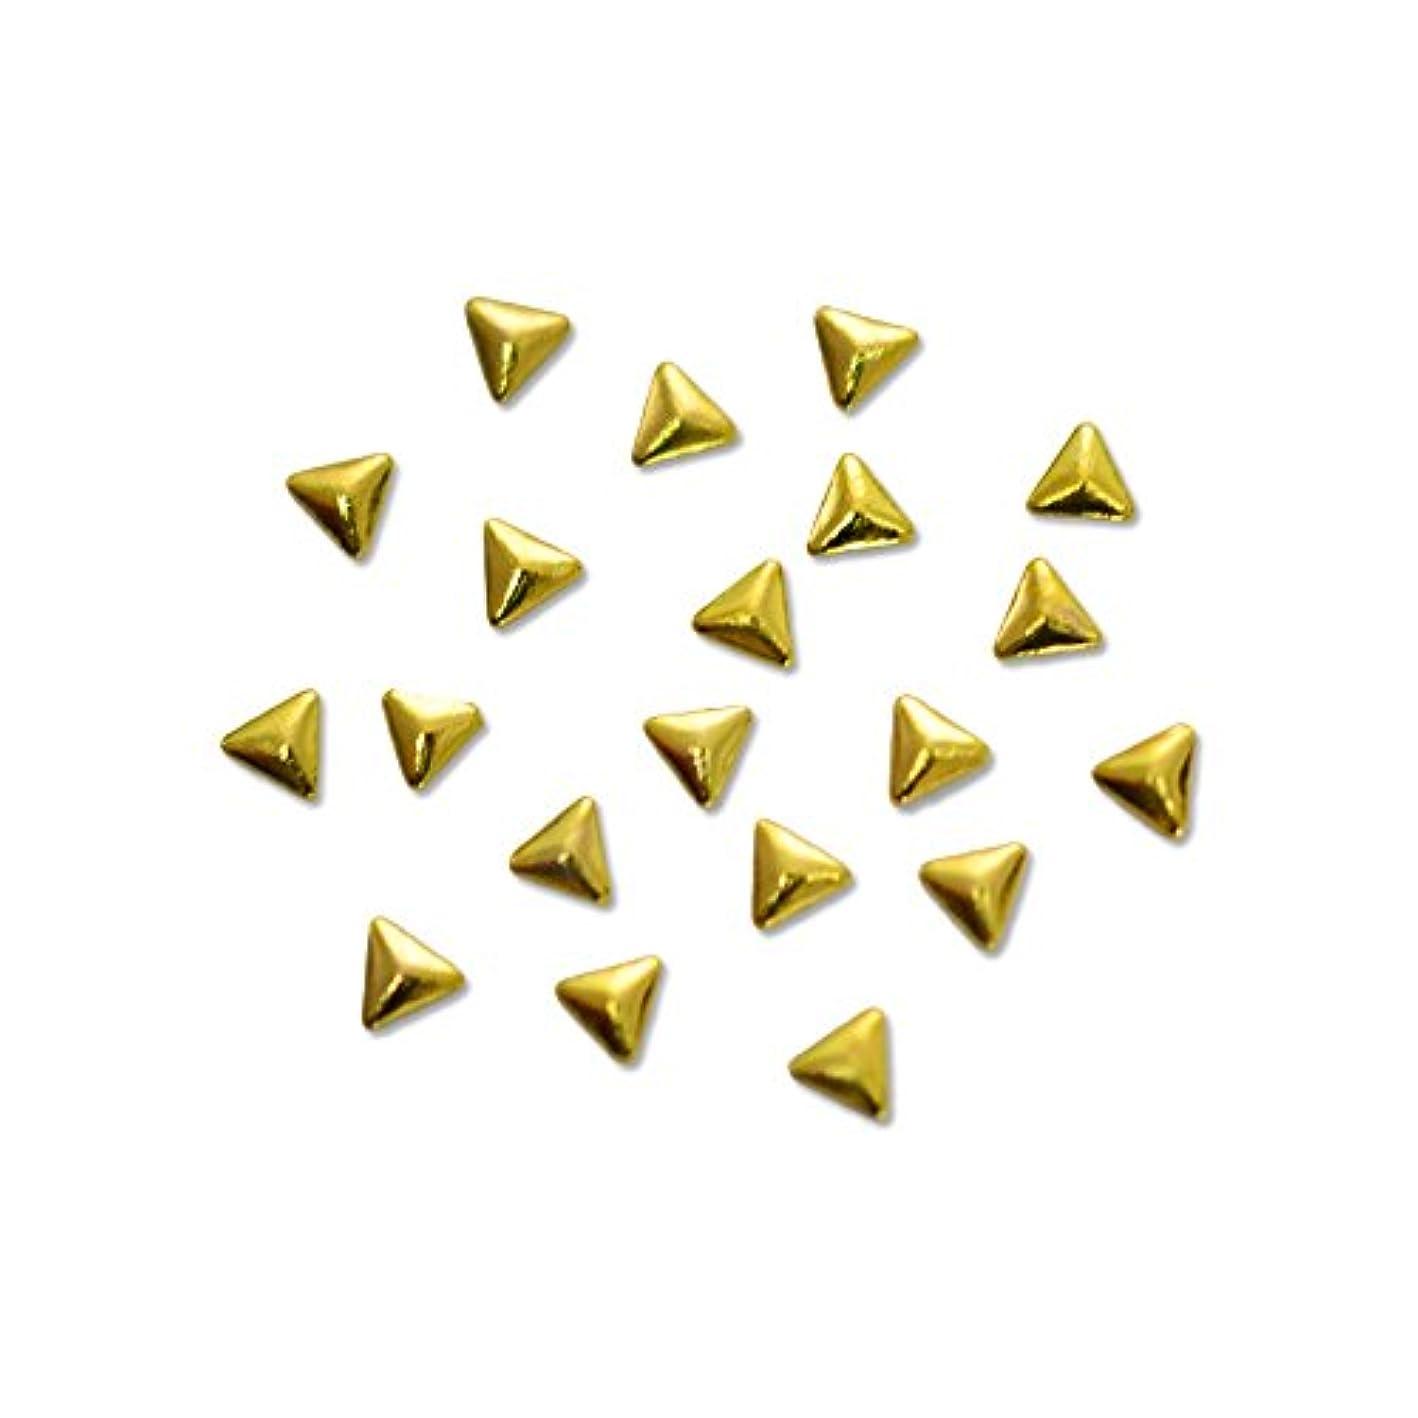 ネット鈍いめったにメタルスタッズ トライアングル 2mm ゴールド 20pic/小さい三角形のメタルパーツ